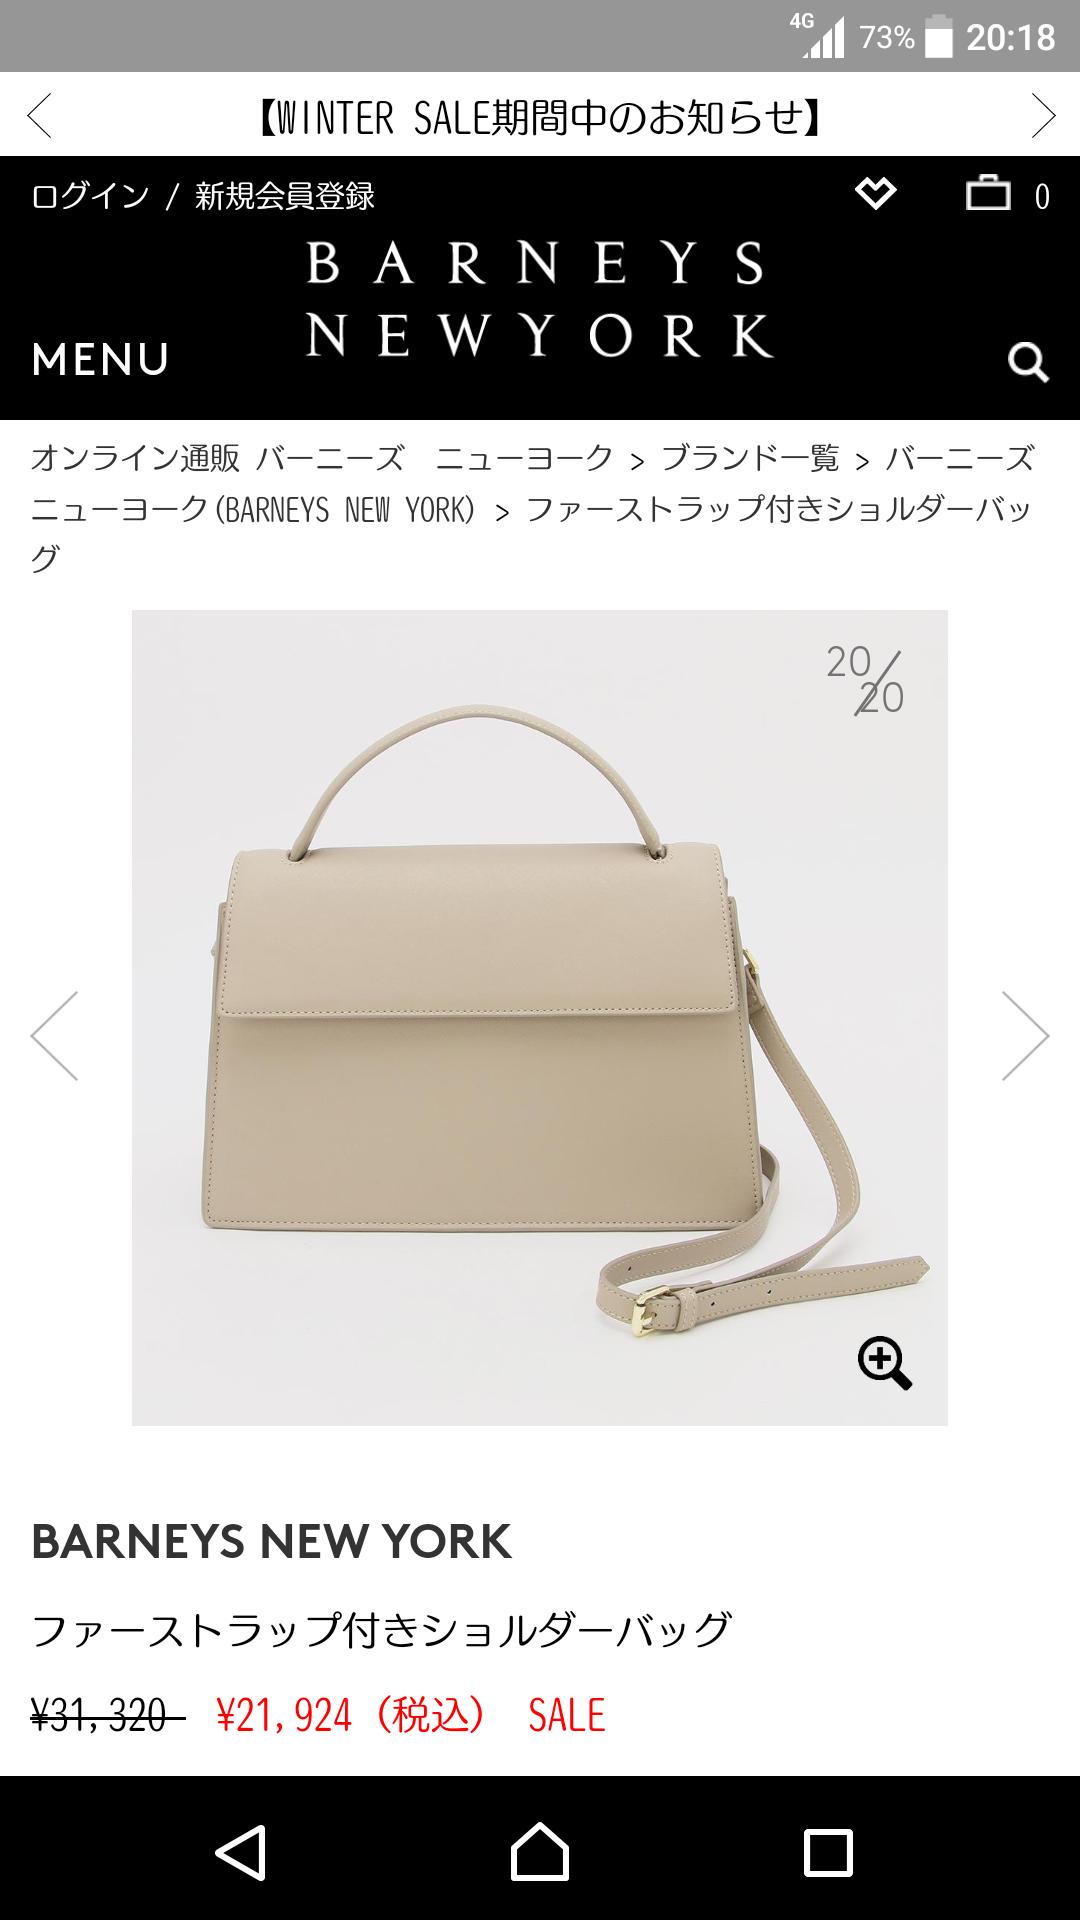 あまり有名じゃないおススメのブランドバッグ